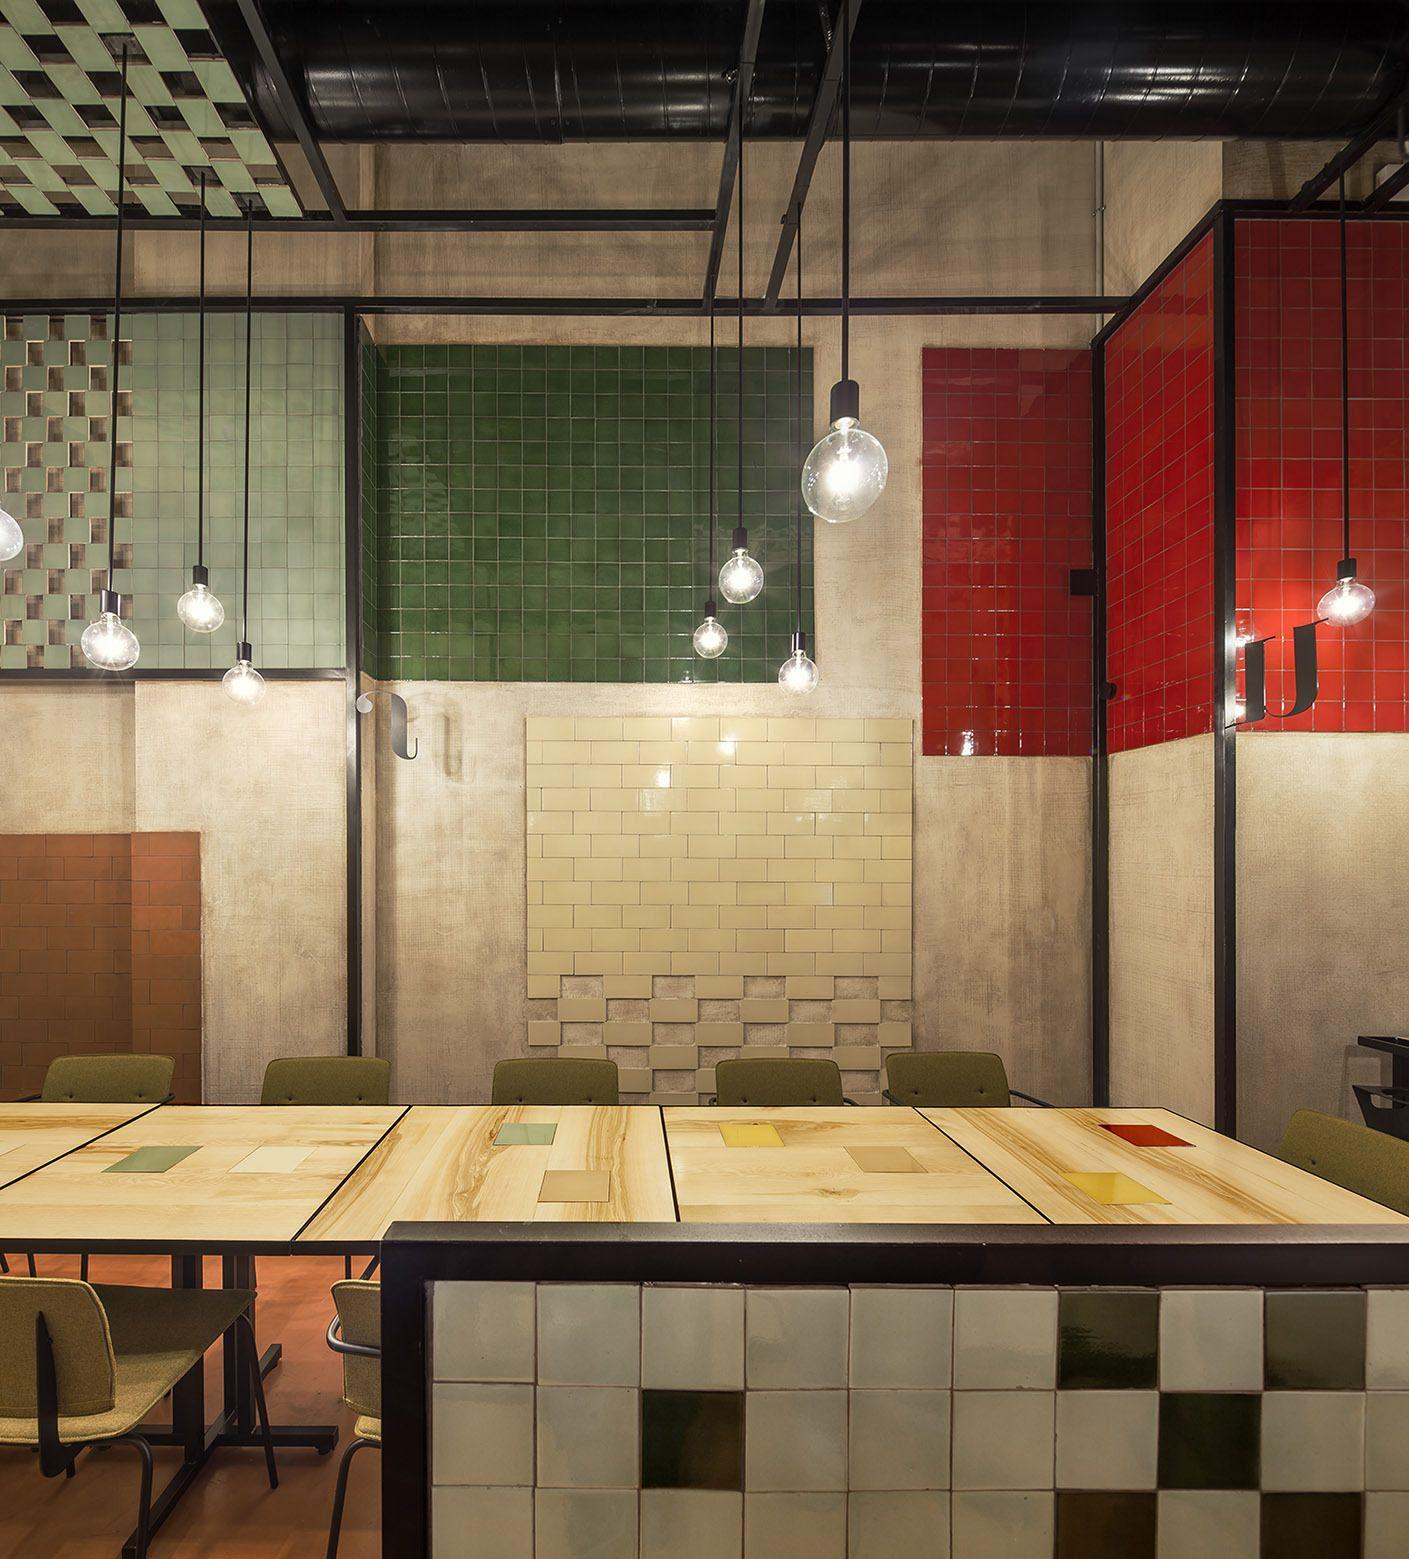 """Galeria de Restaurante """"Disfrutar"""" / El Equipo Creativo - 8   {Kochschule architektur 29}"""